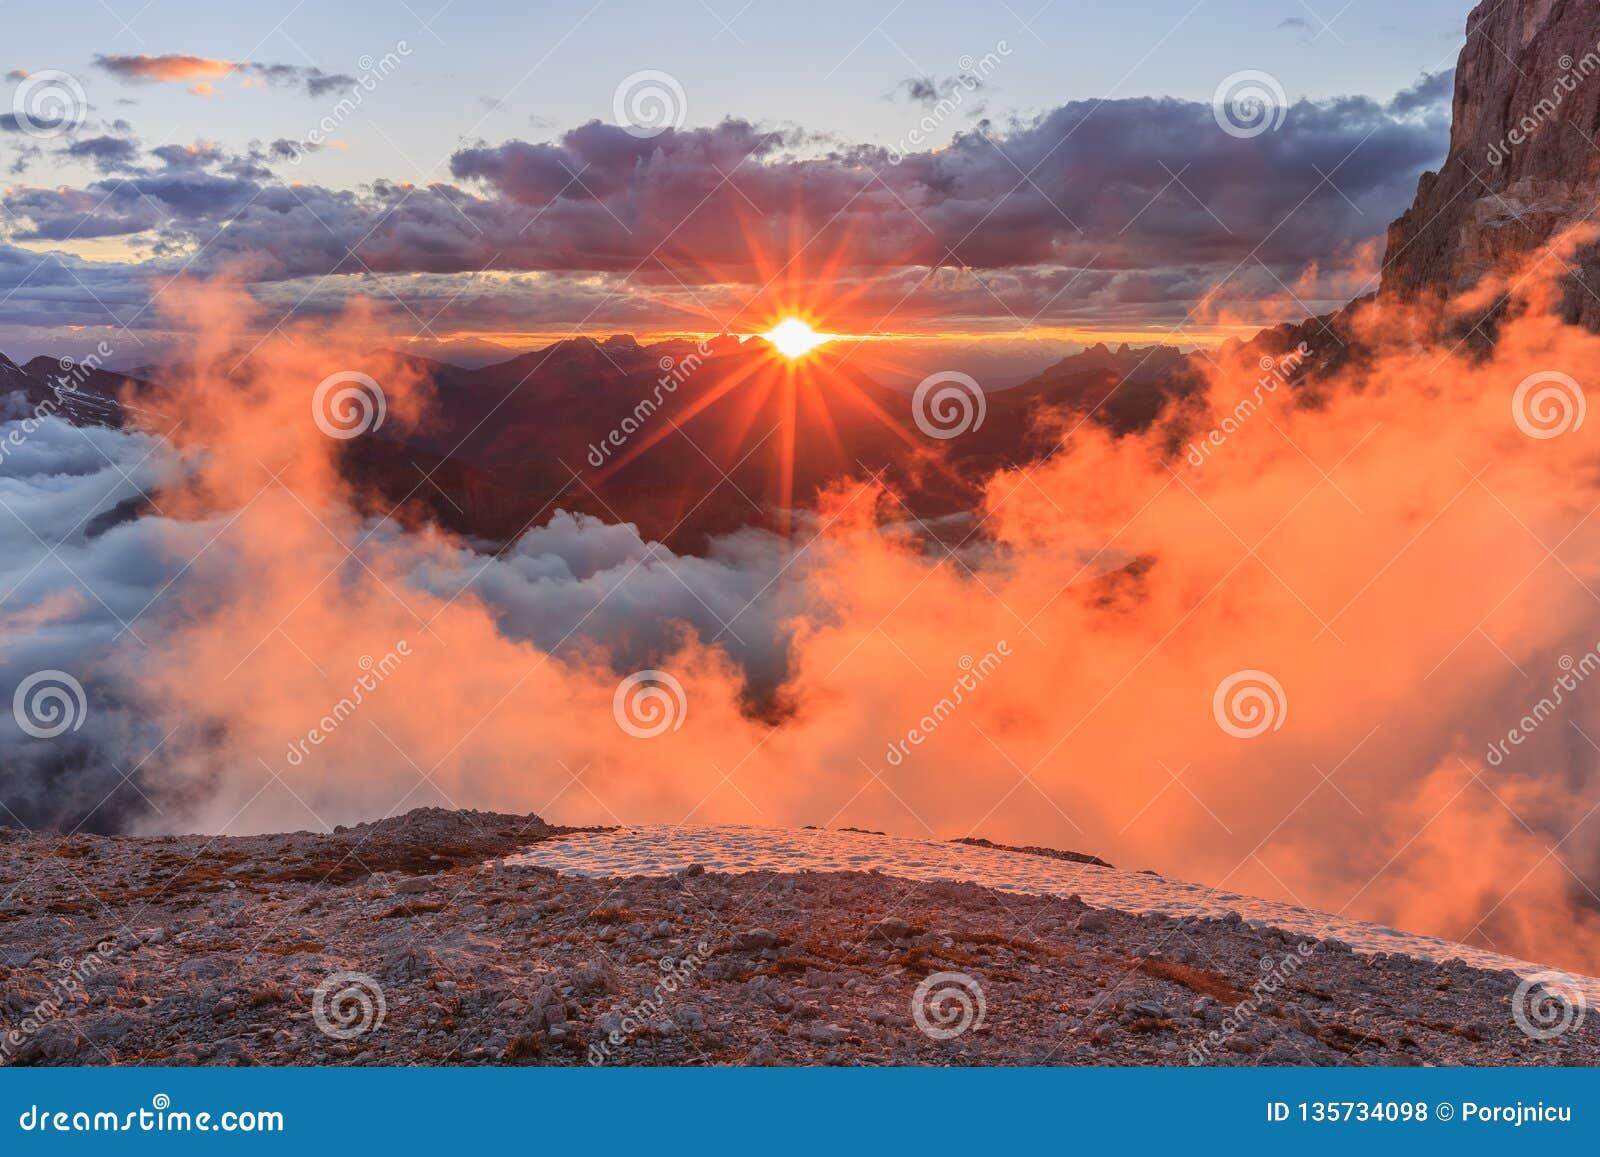 Ηλιοβασίλεμα στις Άλπεις δολομίτη, Ιταλία